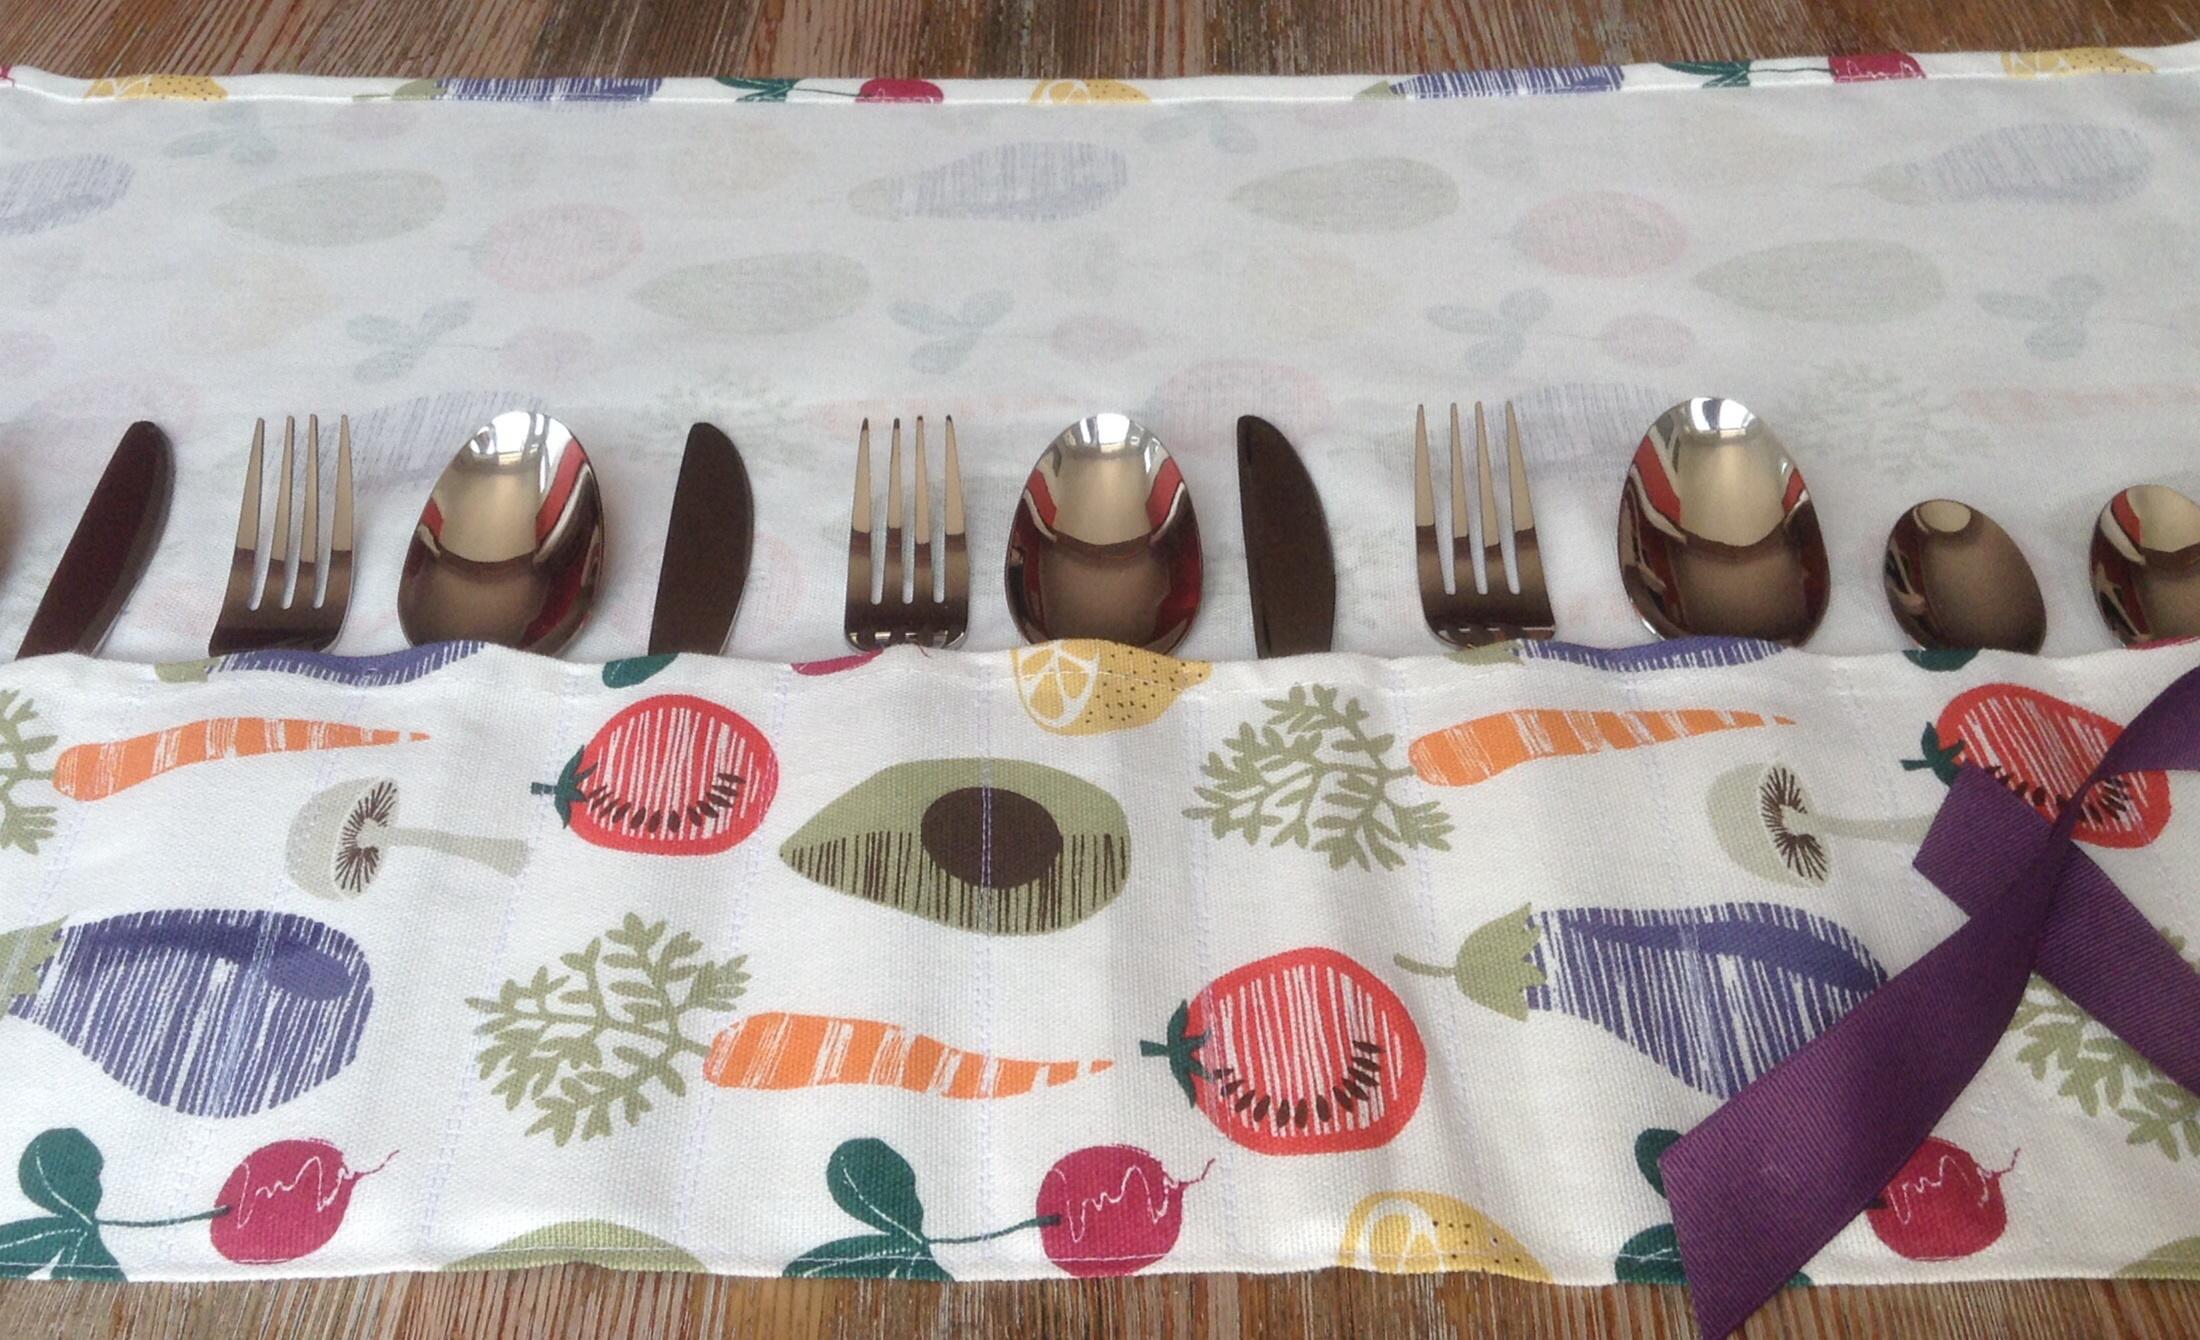 Cutlery roll